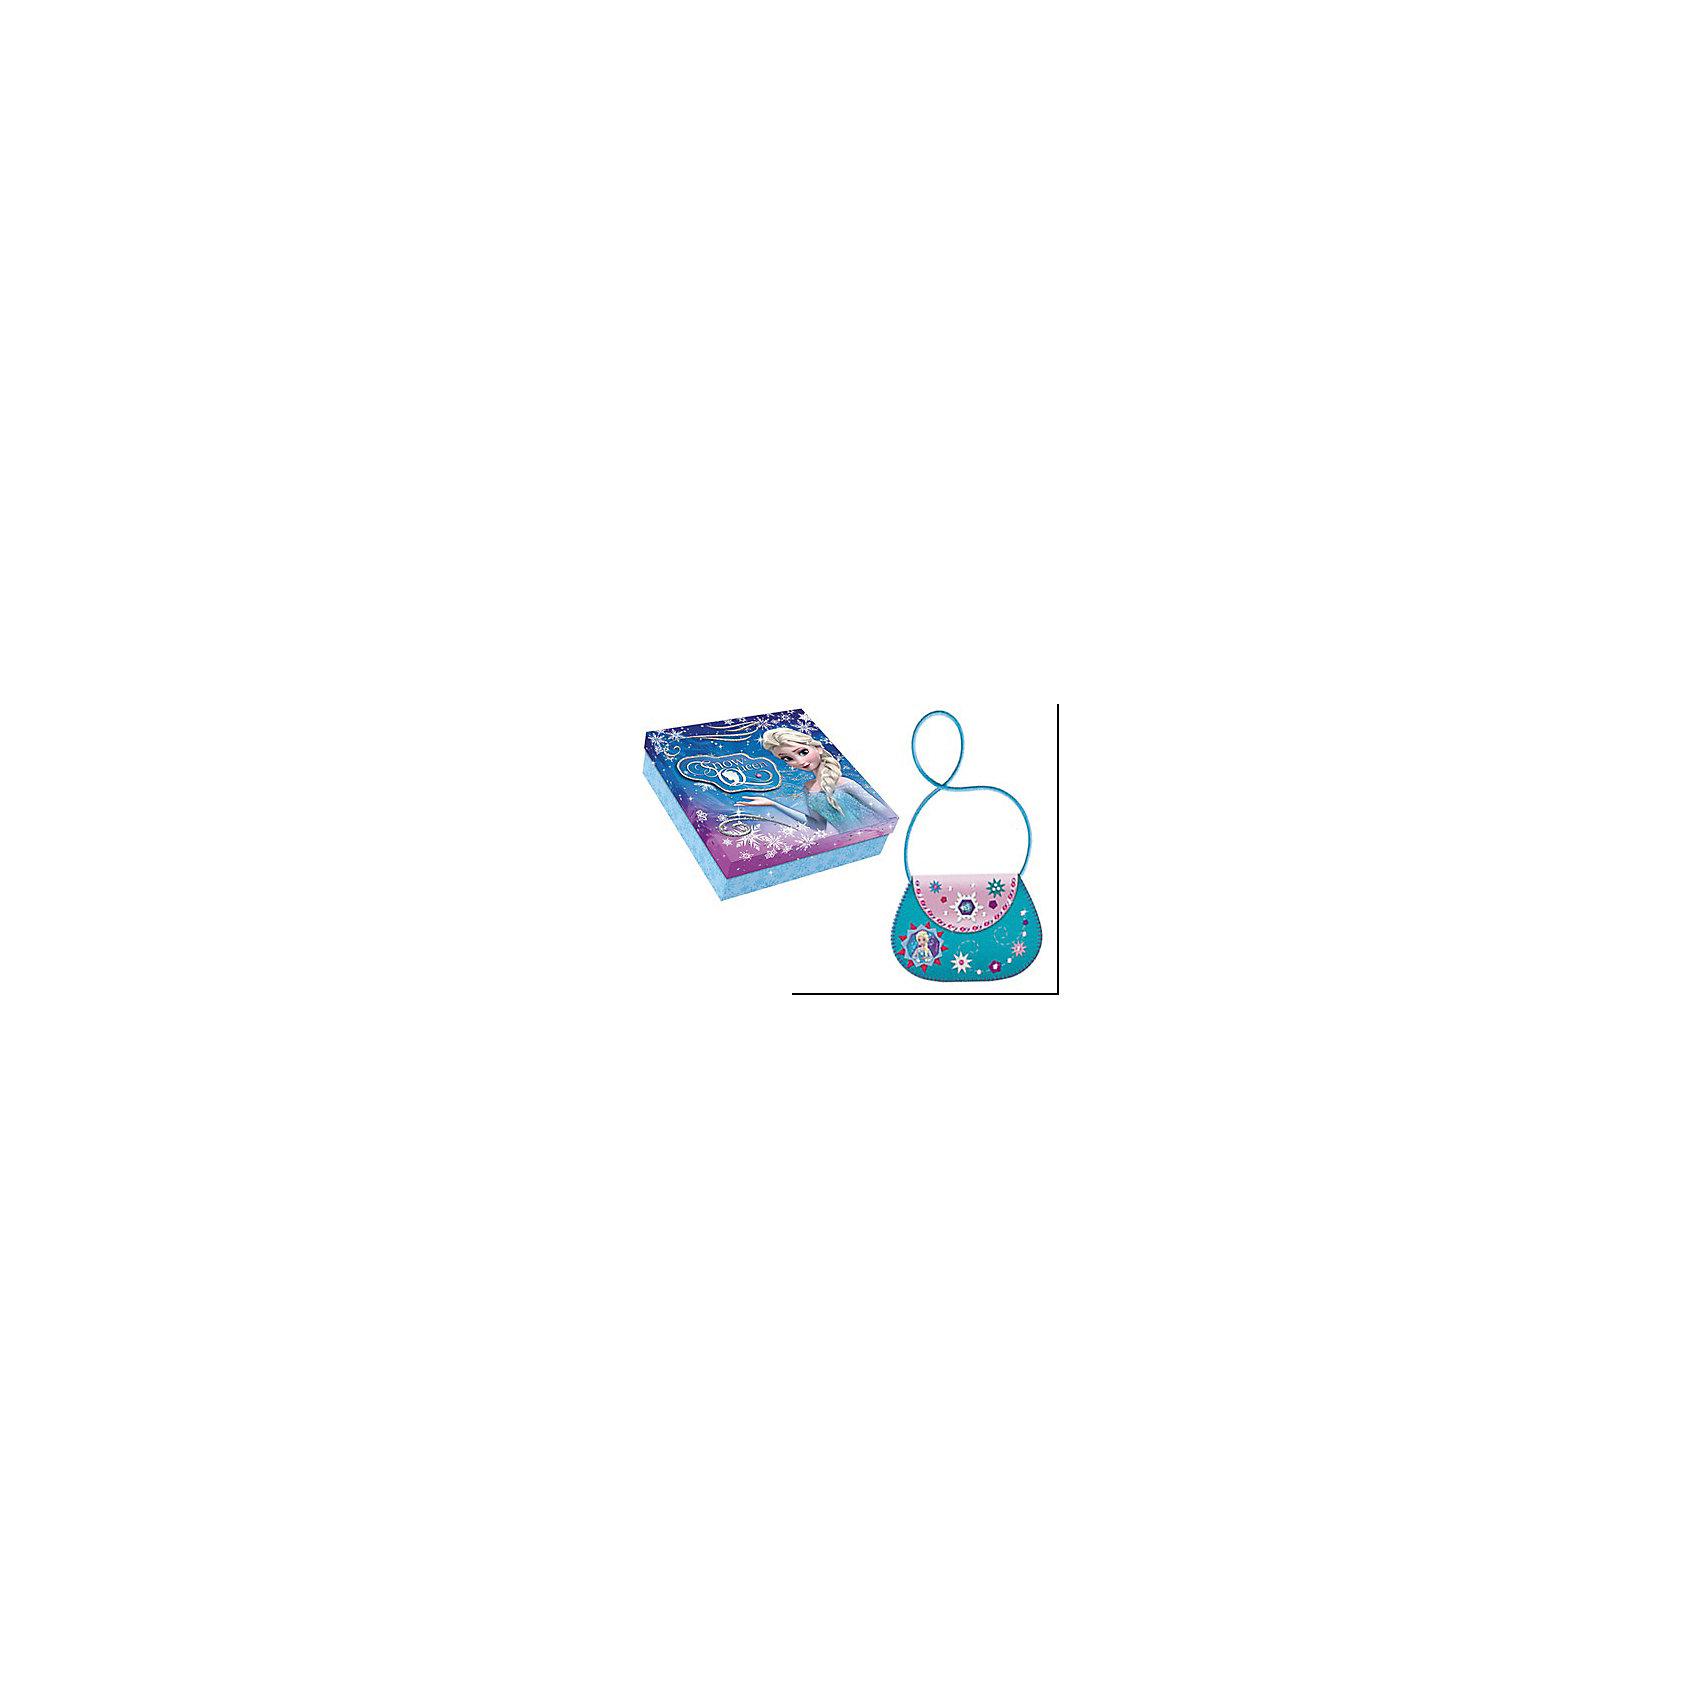 Подарочный набор Шьем сумку из EVA Эльза, Холодное сердцеИзготовлено из пластмассы (в т.ч. вспененной и с клеевым слоем), с элементами из текстильных материалов, металла (магнита) Детали из EVA, шнурок, страза, пайетки, нитки, безопасная иголка, магнитный замок<br><br>Ширина мм: 180<br>Глубина мм: 40<br>Высота мм: 180<br>Вес г: 100<br>Возраст от месяцев: 60<br>Возраст до месяцев: 96<br>Пол: Женский<br>Возраст: Детский<br>SKU: 5101011